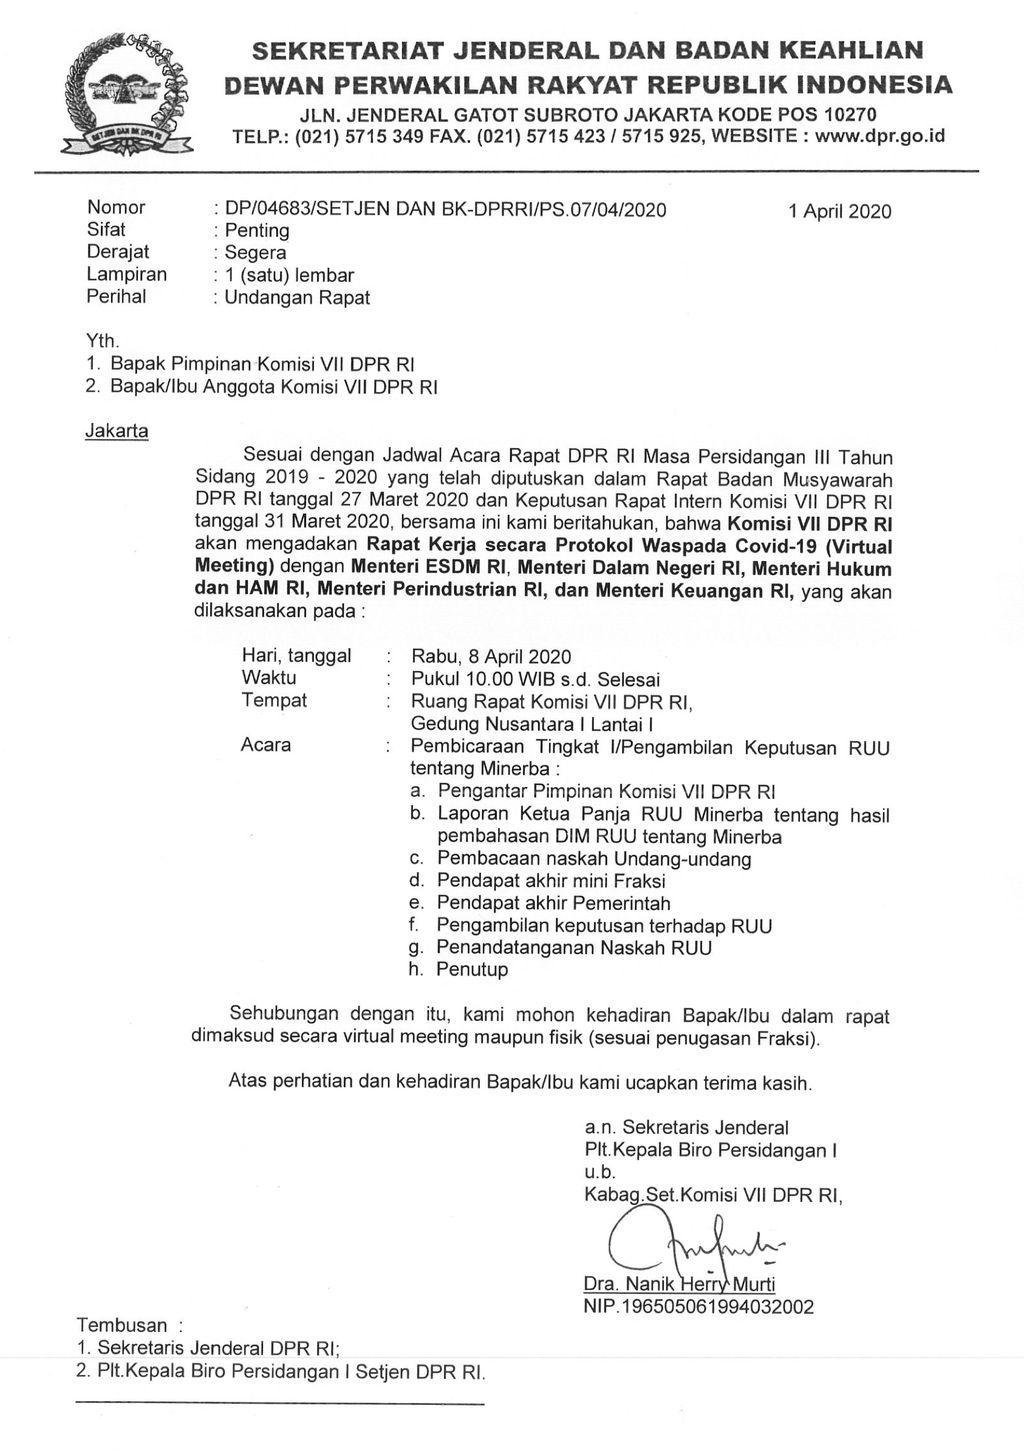 Di Tengah Musibah Corona, DPR Mau Ketuk RUU Minerba 8 April!